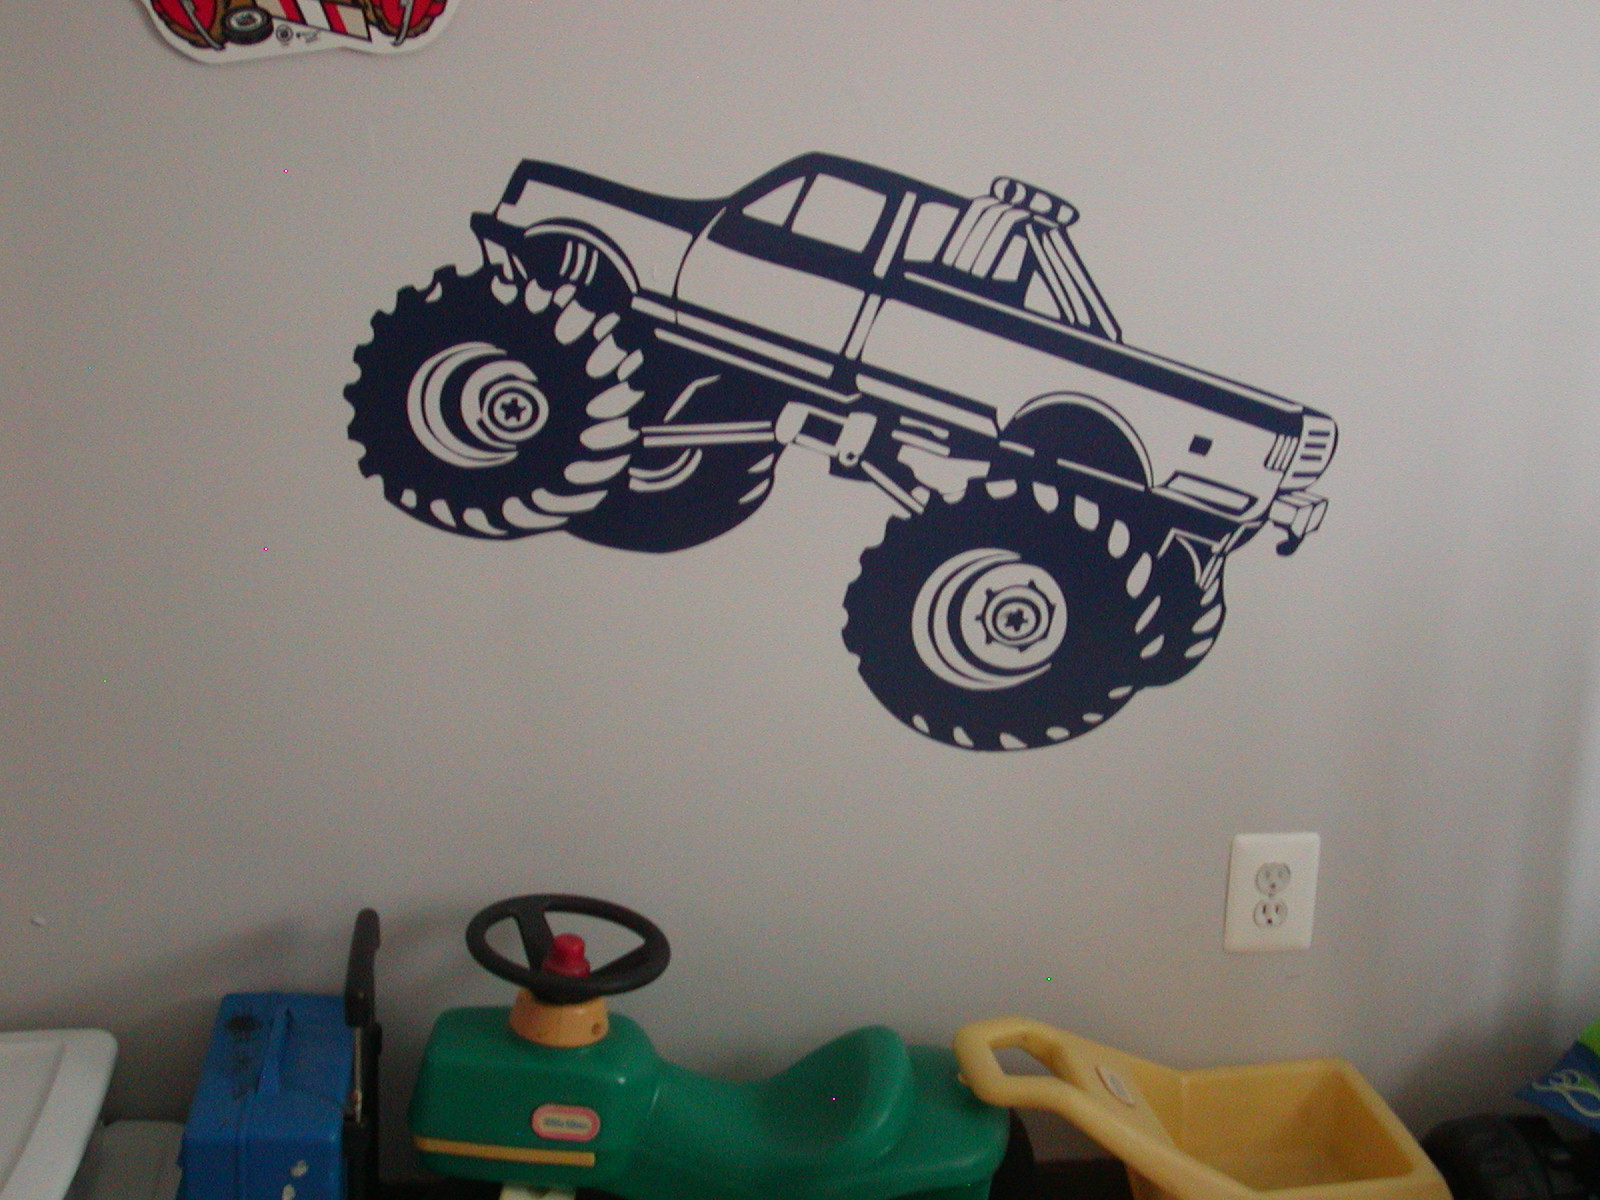 MONSTER TRUCK (Big Foot) Wall Garage or Garage Door Graphic Decal